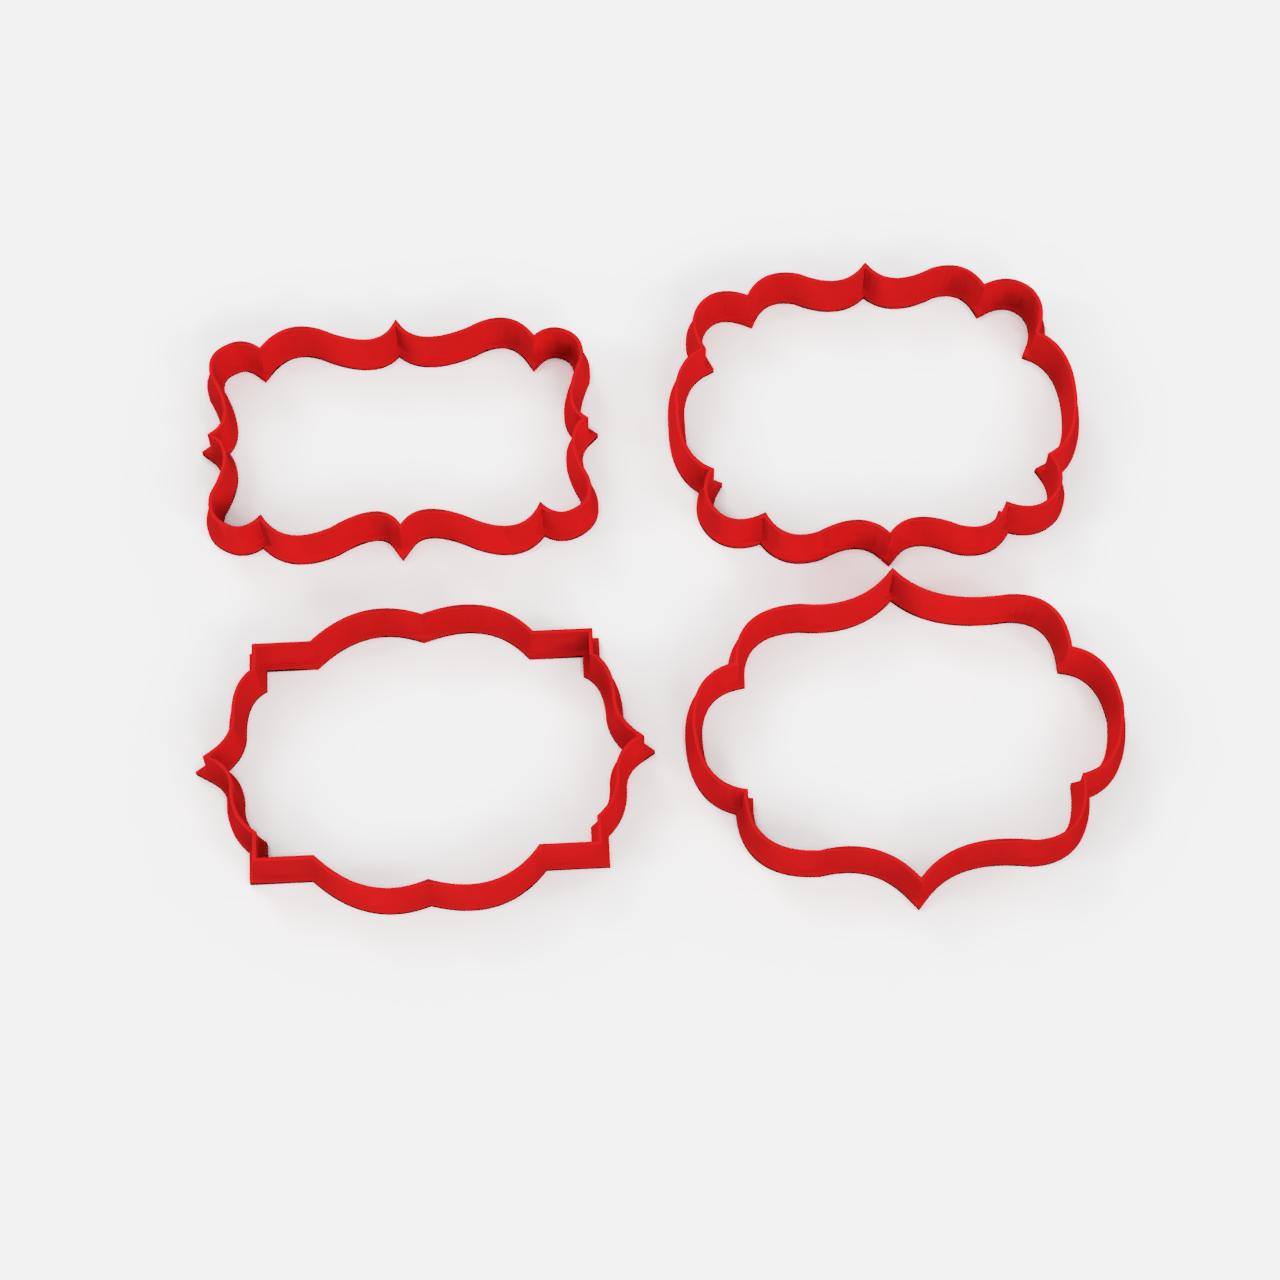 marcos frames x4.png Télécharger fichier STL gratuit Vieux cadres à l'emporte-pièce x4 - Vieux cadres à l'emporte-pièce x4 • Modèle pour imprimante 3D, Abayarde